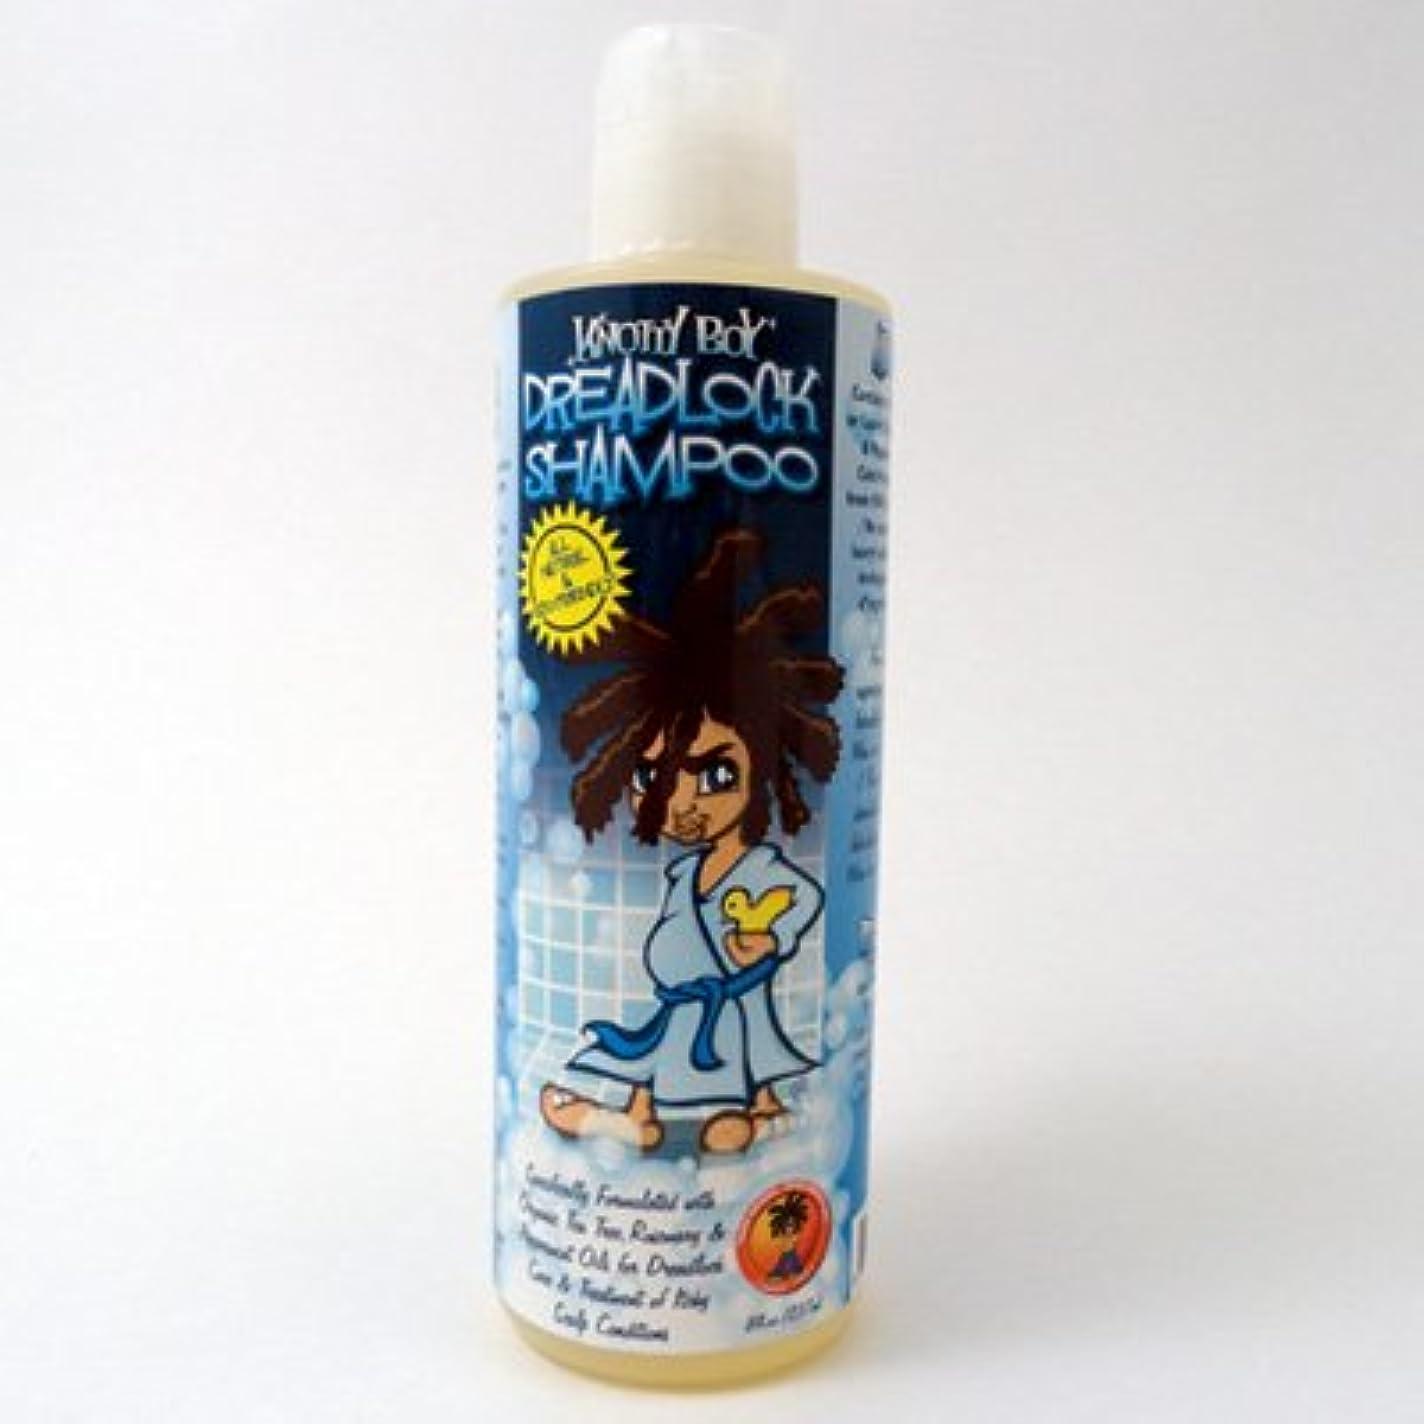 ドレッドヘアを崩しにくく洗える! オールナチュラル素材配合 Knotty Boy ドレッドヘア用 シャンプー